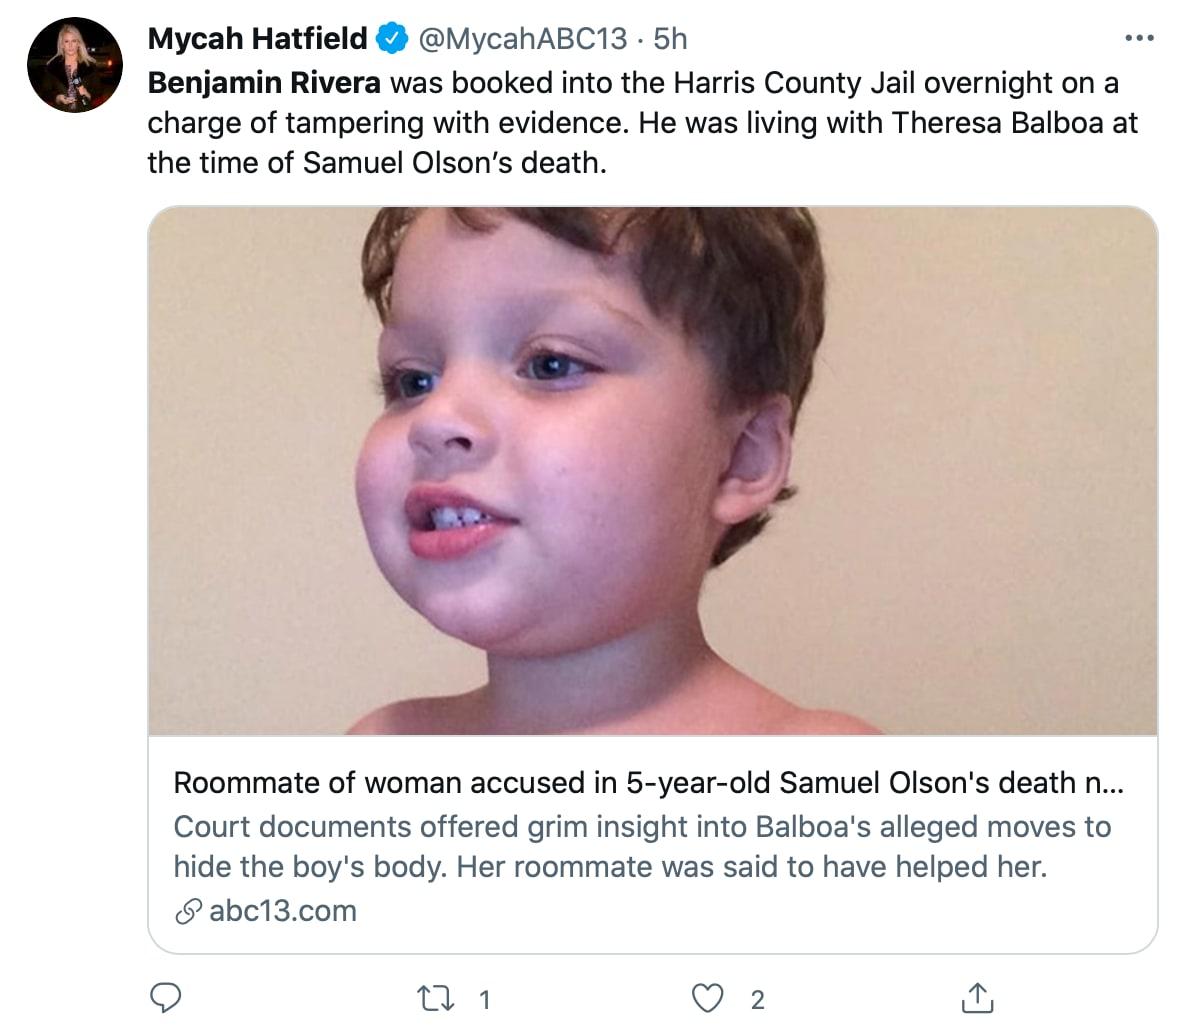 El niño al parecer murió desde el 10 de mayo